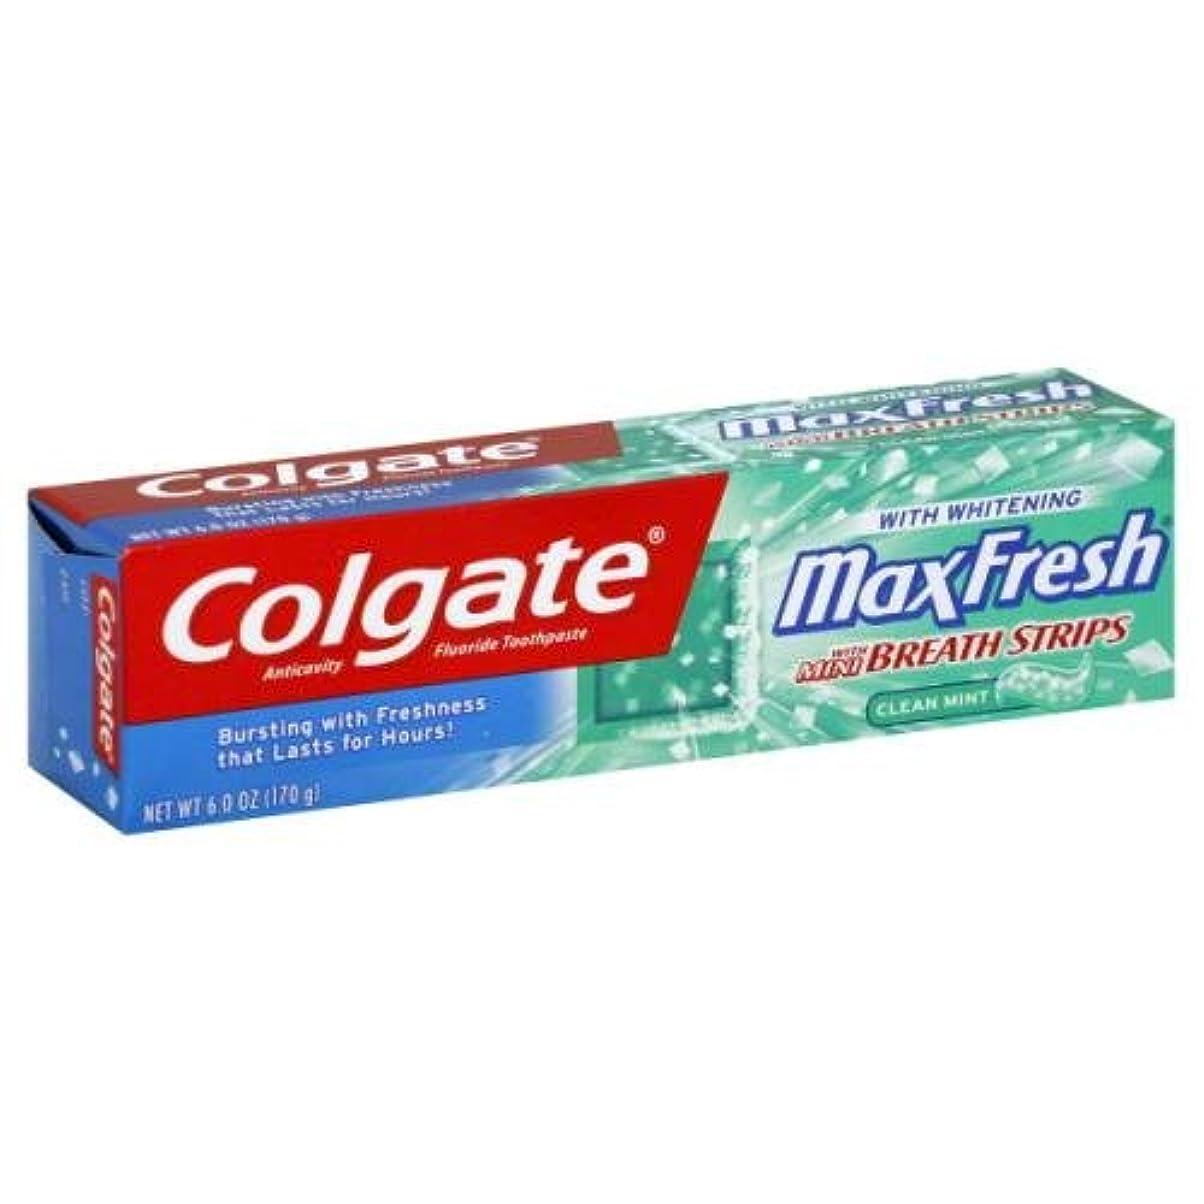 霜自然引退したColgate マックスFrsh TPSTクリーンミント6オズ